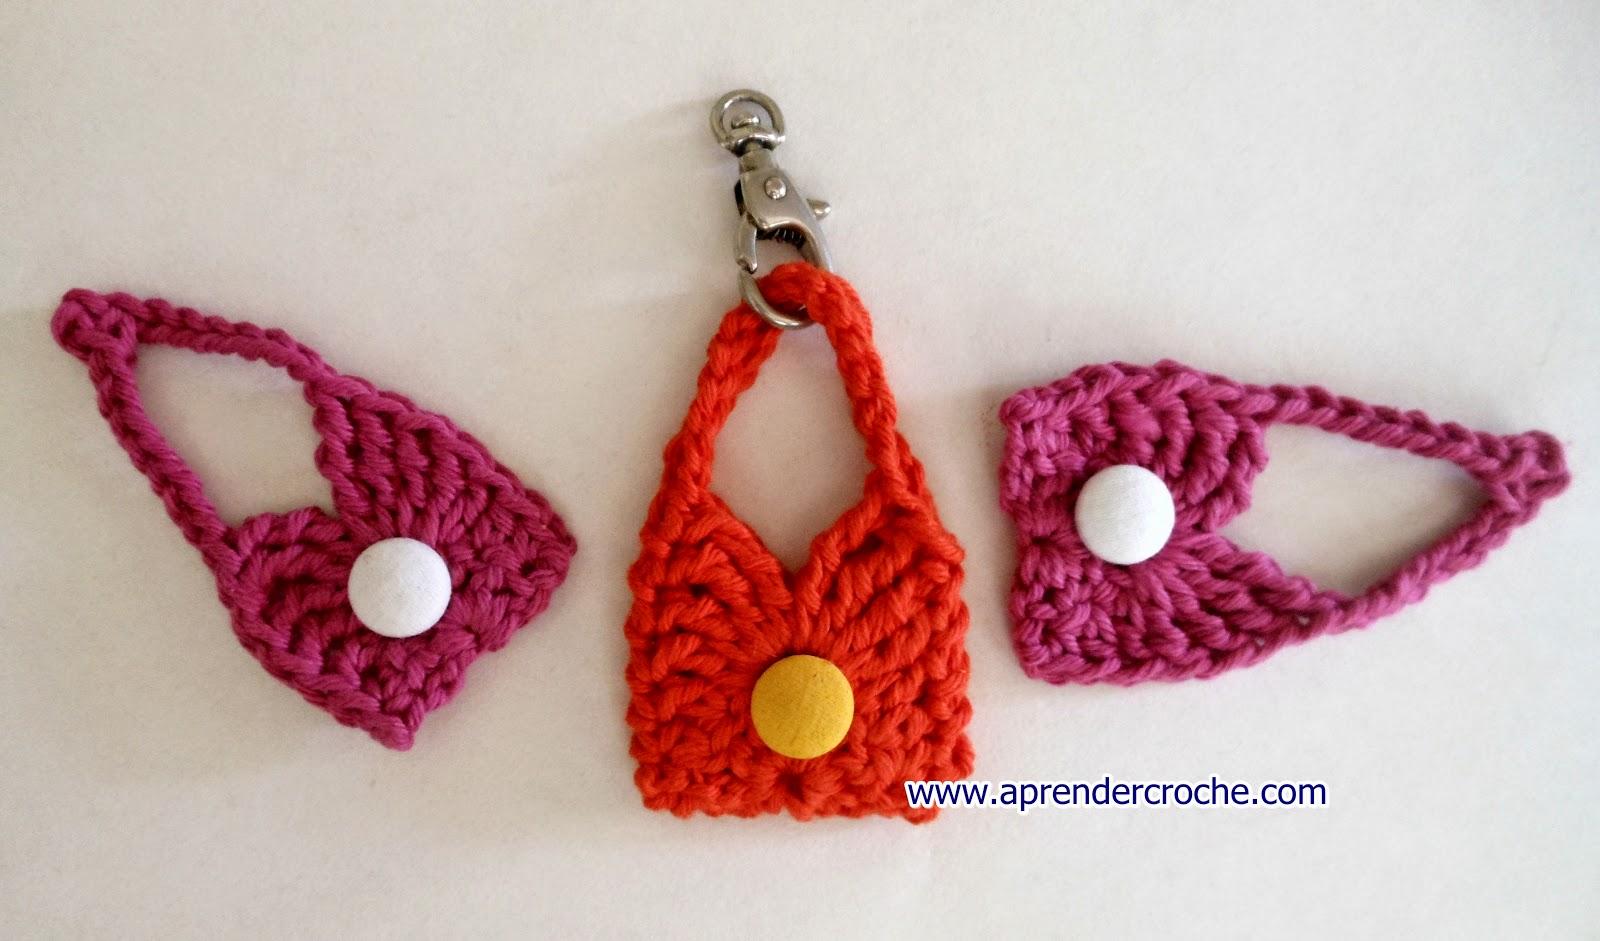 aprender croche com mini bolsas para chaveiros lembrancinhas ou decoração